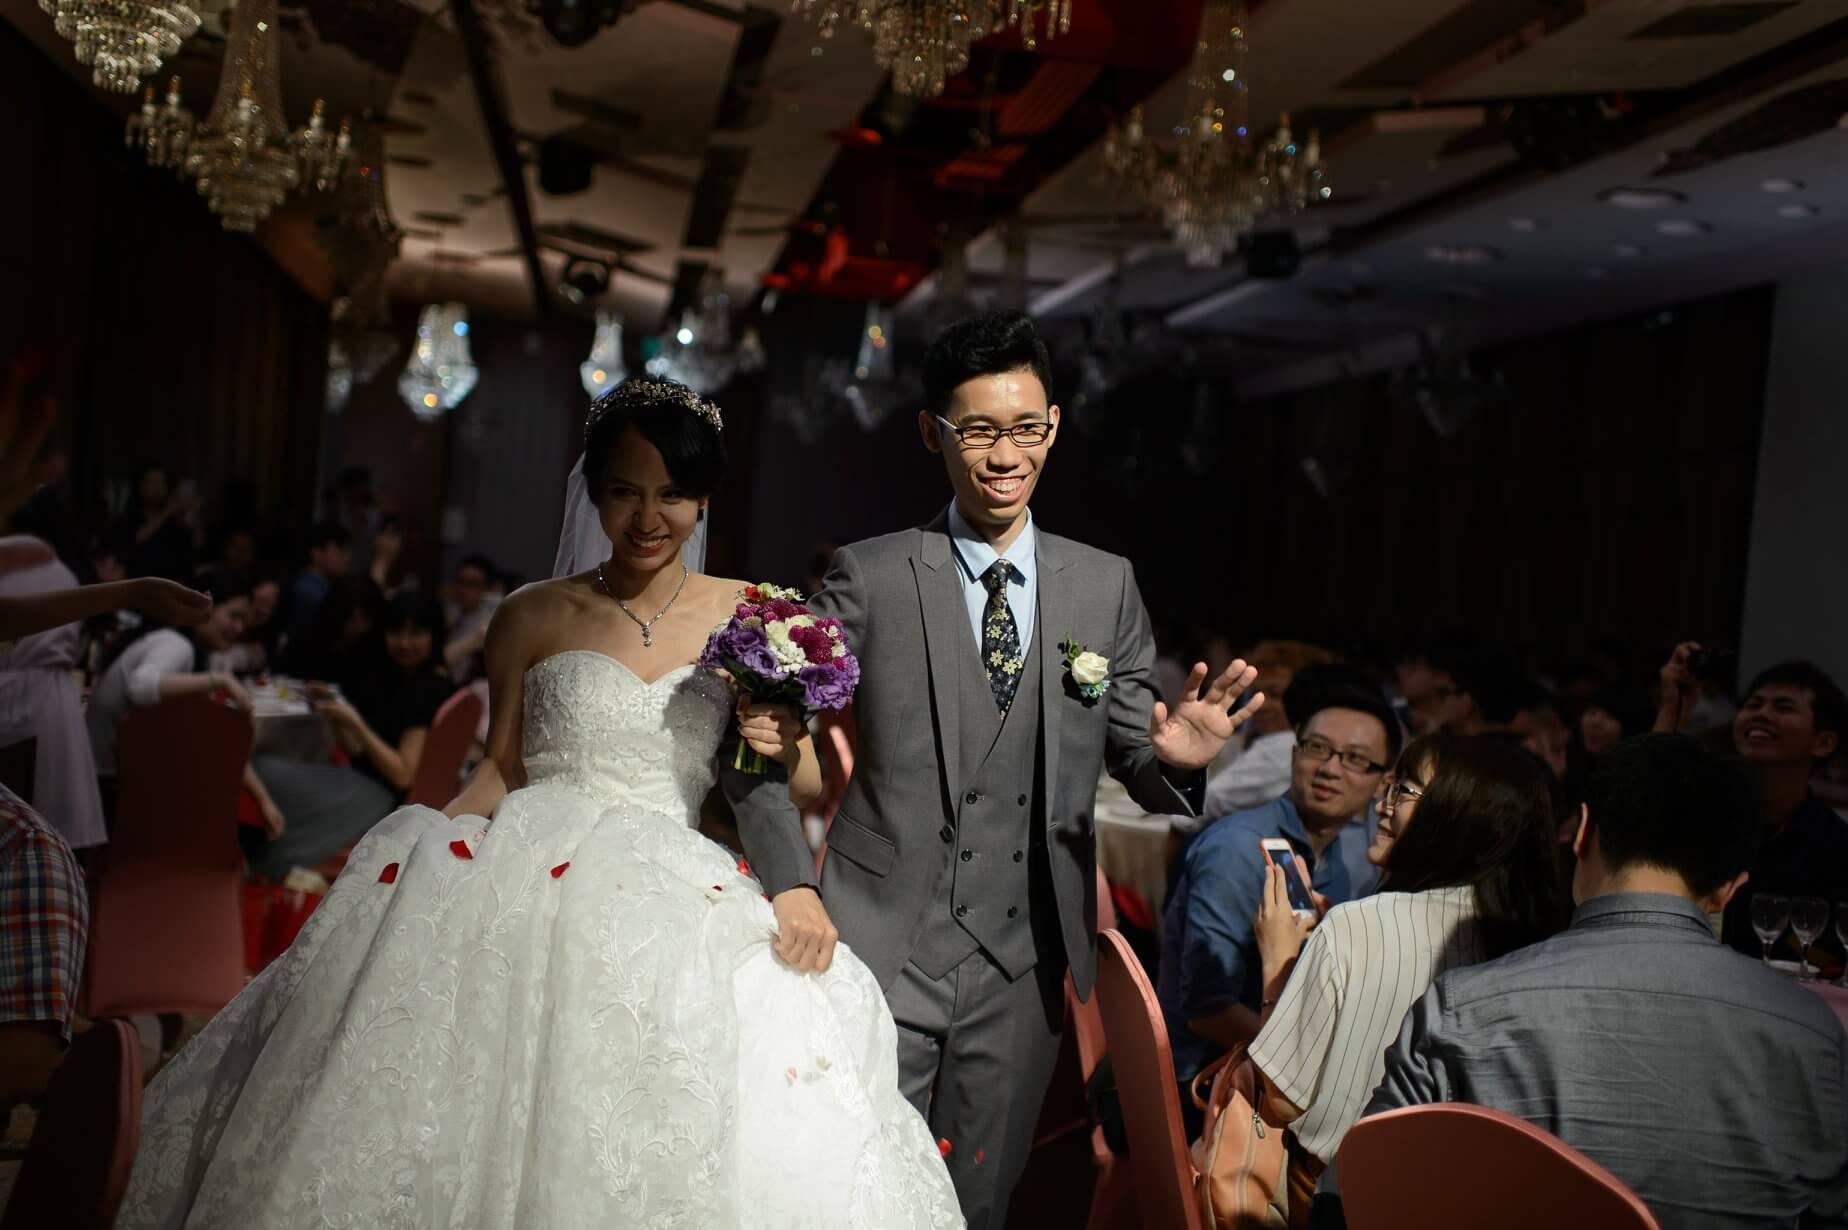 雙魚的海邊-婚禮攝影-閃燈前後對比圖